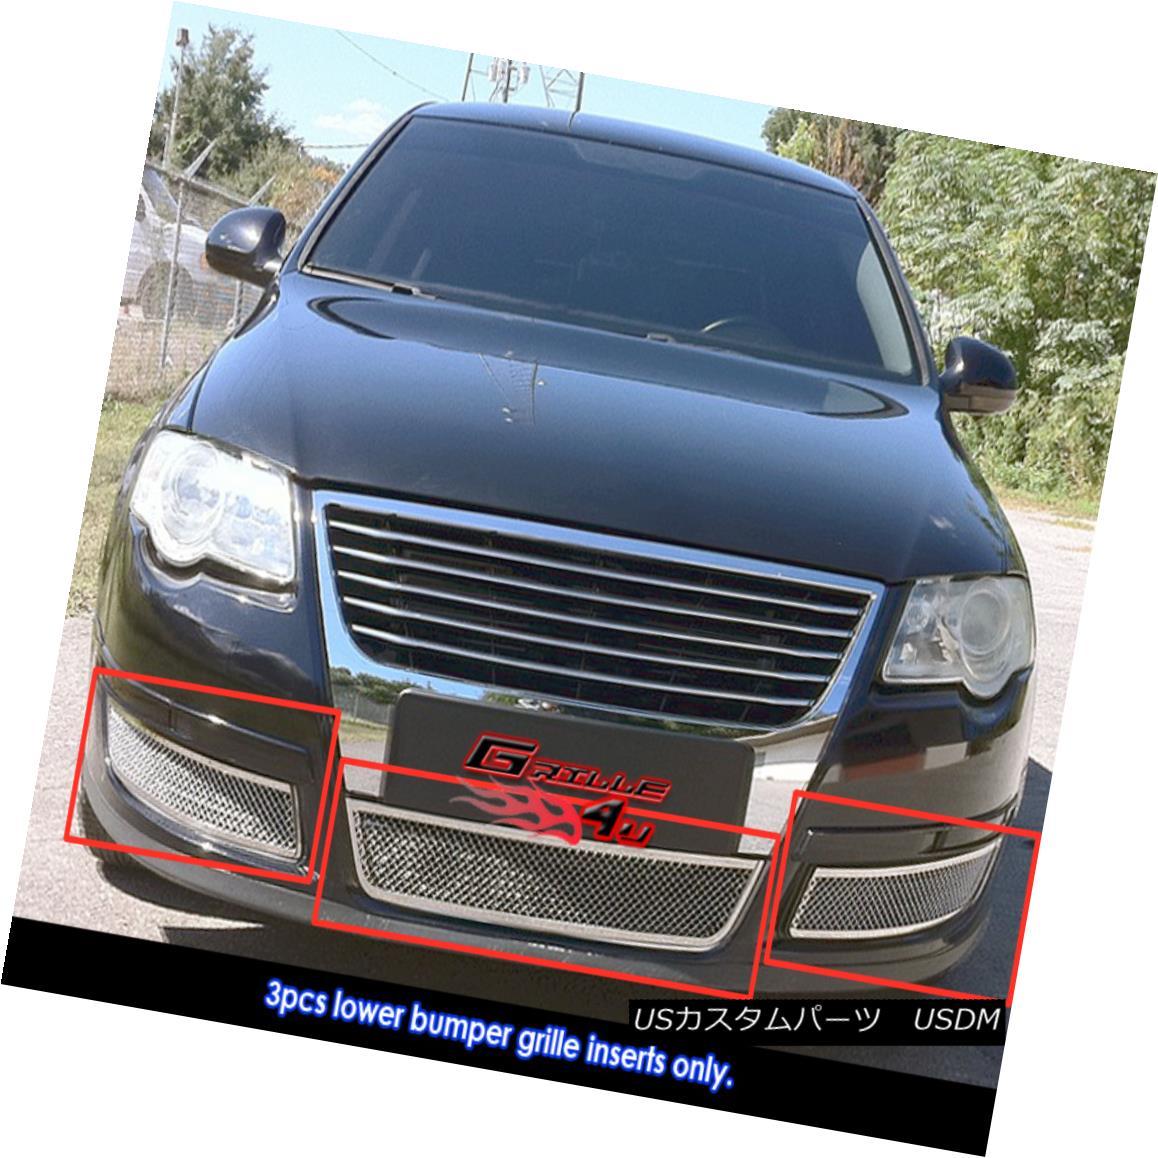 グリル Fits 2006-2007 VW Volkswagen Passat Bumper Stainless Mesh Grille 2006-2007 VWフォルクスワーゲンパサートバンパーステンレスメッシュグリルに適合